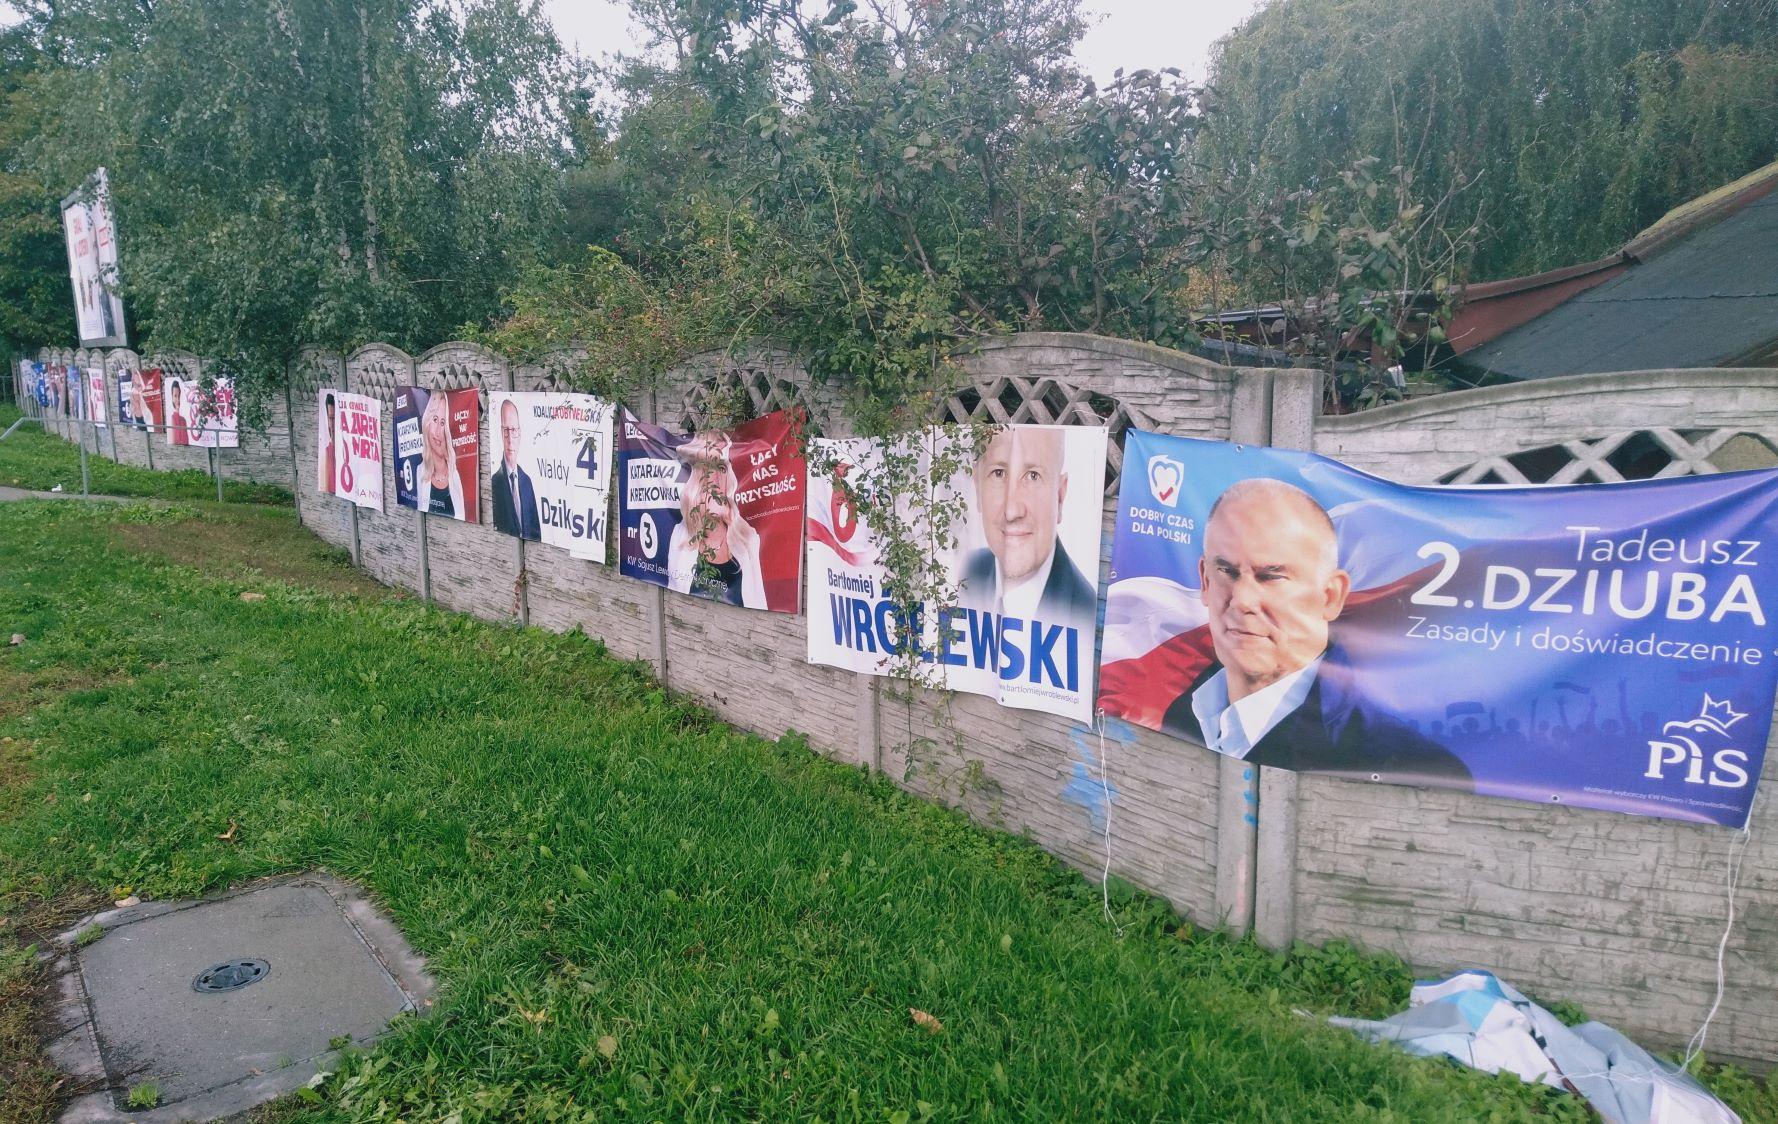 Poznań Wojna Na Plakaty Wyborcze Brak świadomości Naszych